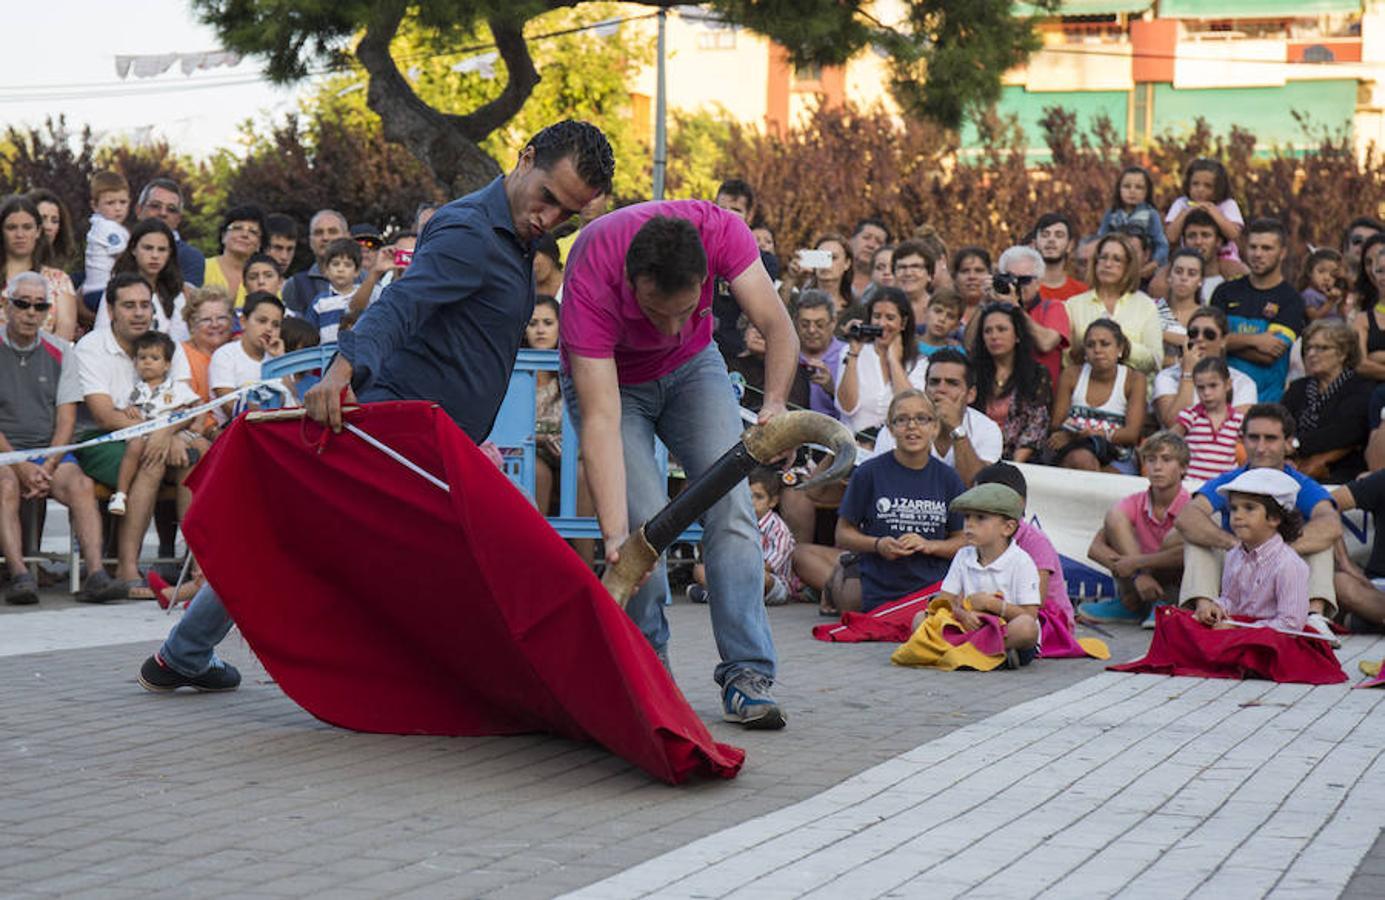 Iván Fandiño, en Punta Umbría (Huelva), enseña técnica del toreo a unos jóvenes aficionados